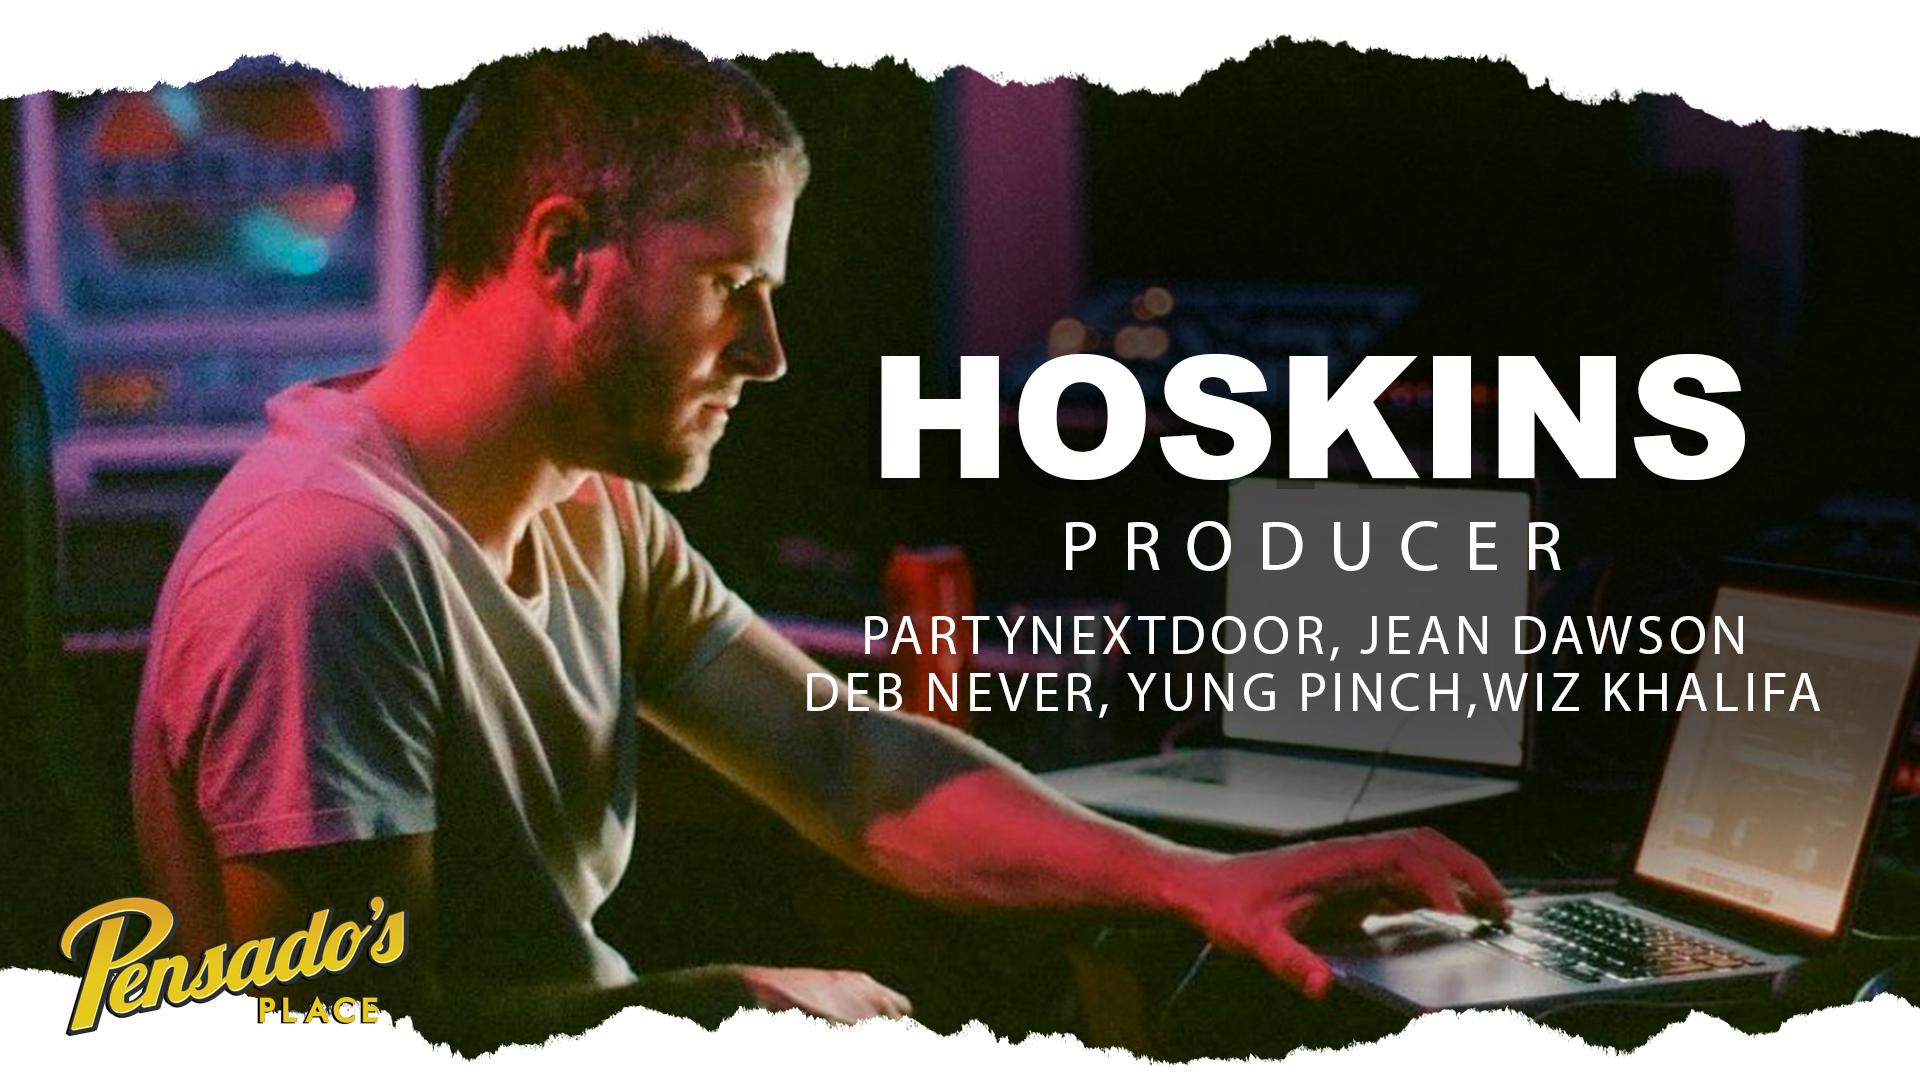 PARTYNEXTDOOR Producer, Hoskins